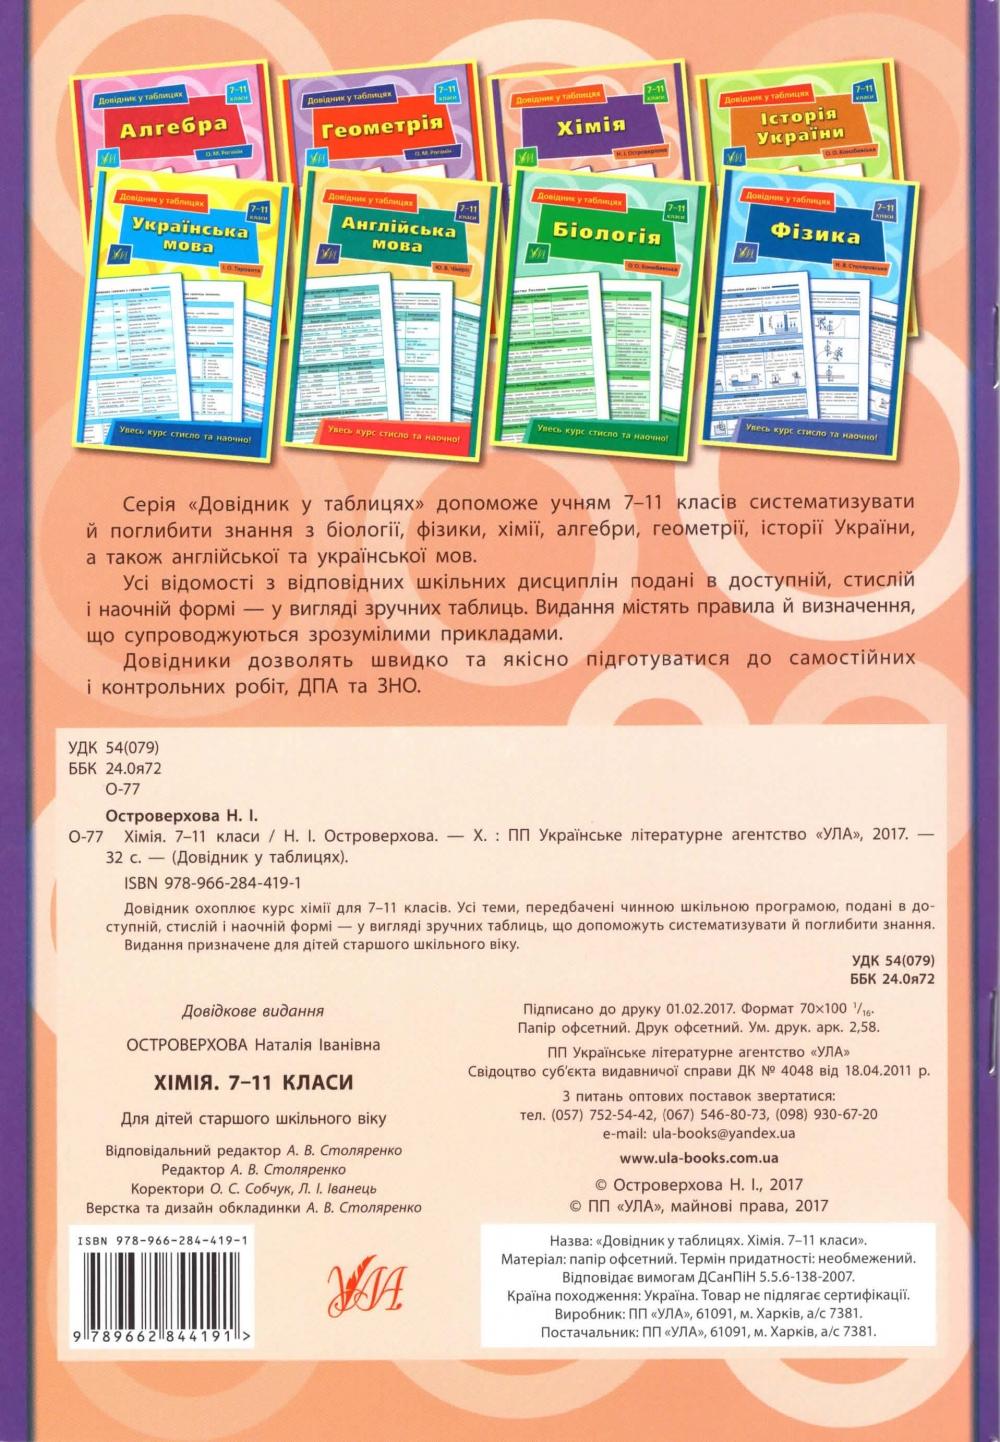 Хімія 7-11 класи. Серія «Довідник у таблицях» : Островерхова Н. УЛА. купити 7